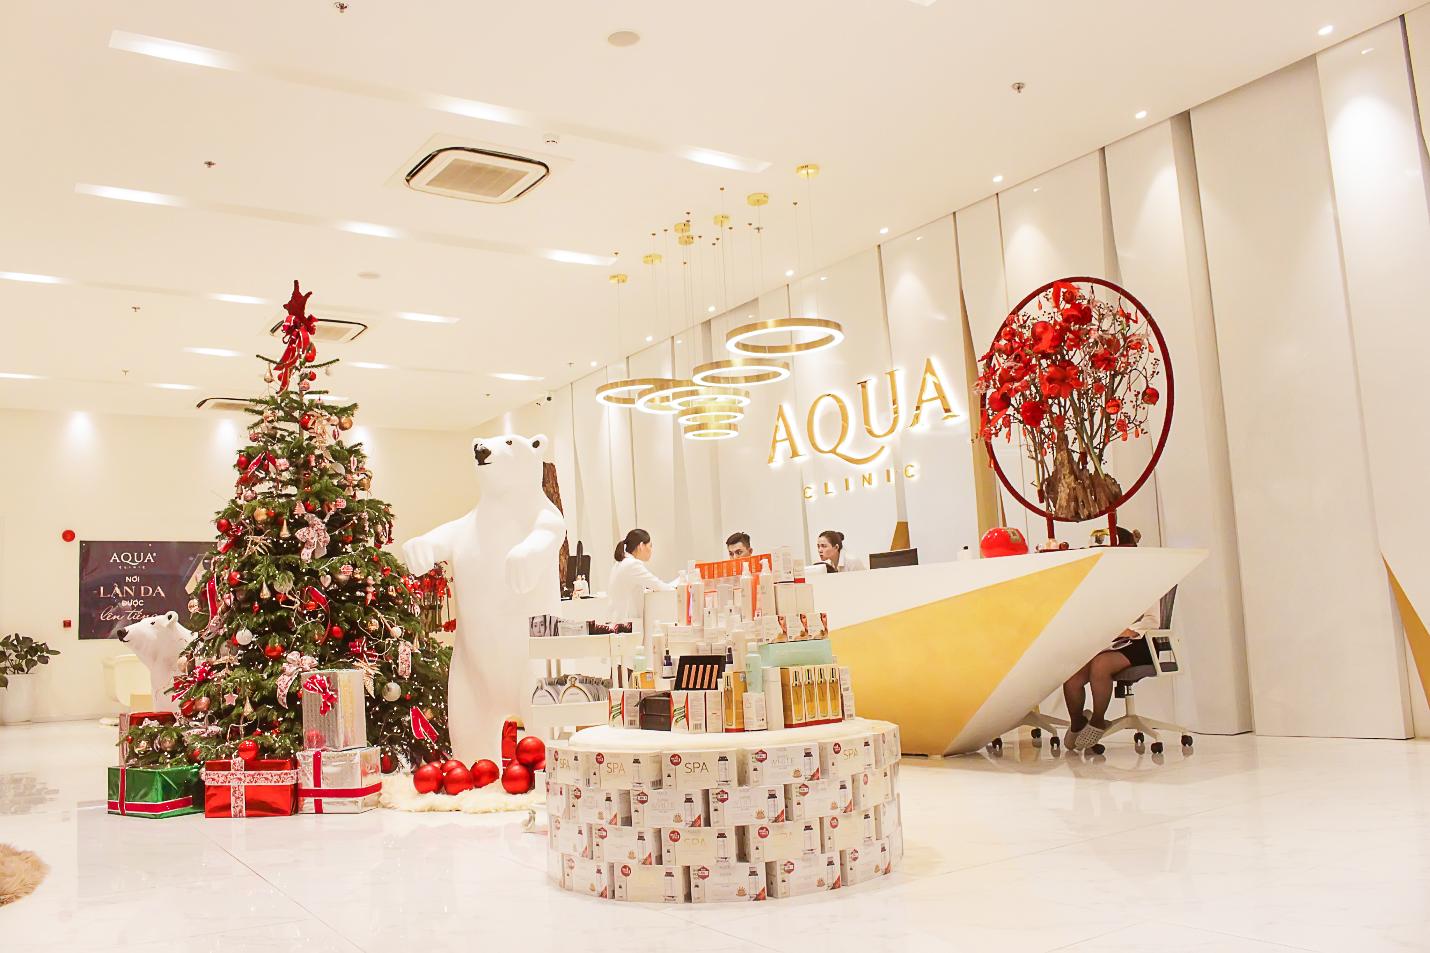 Aqua Clinic: Địa điểm làm đẹp uy tín lâu năm tại Sài Gòn - Ảnh 1